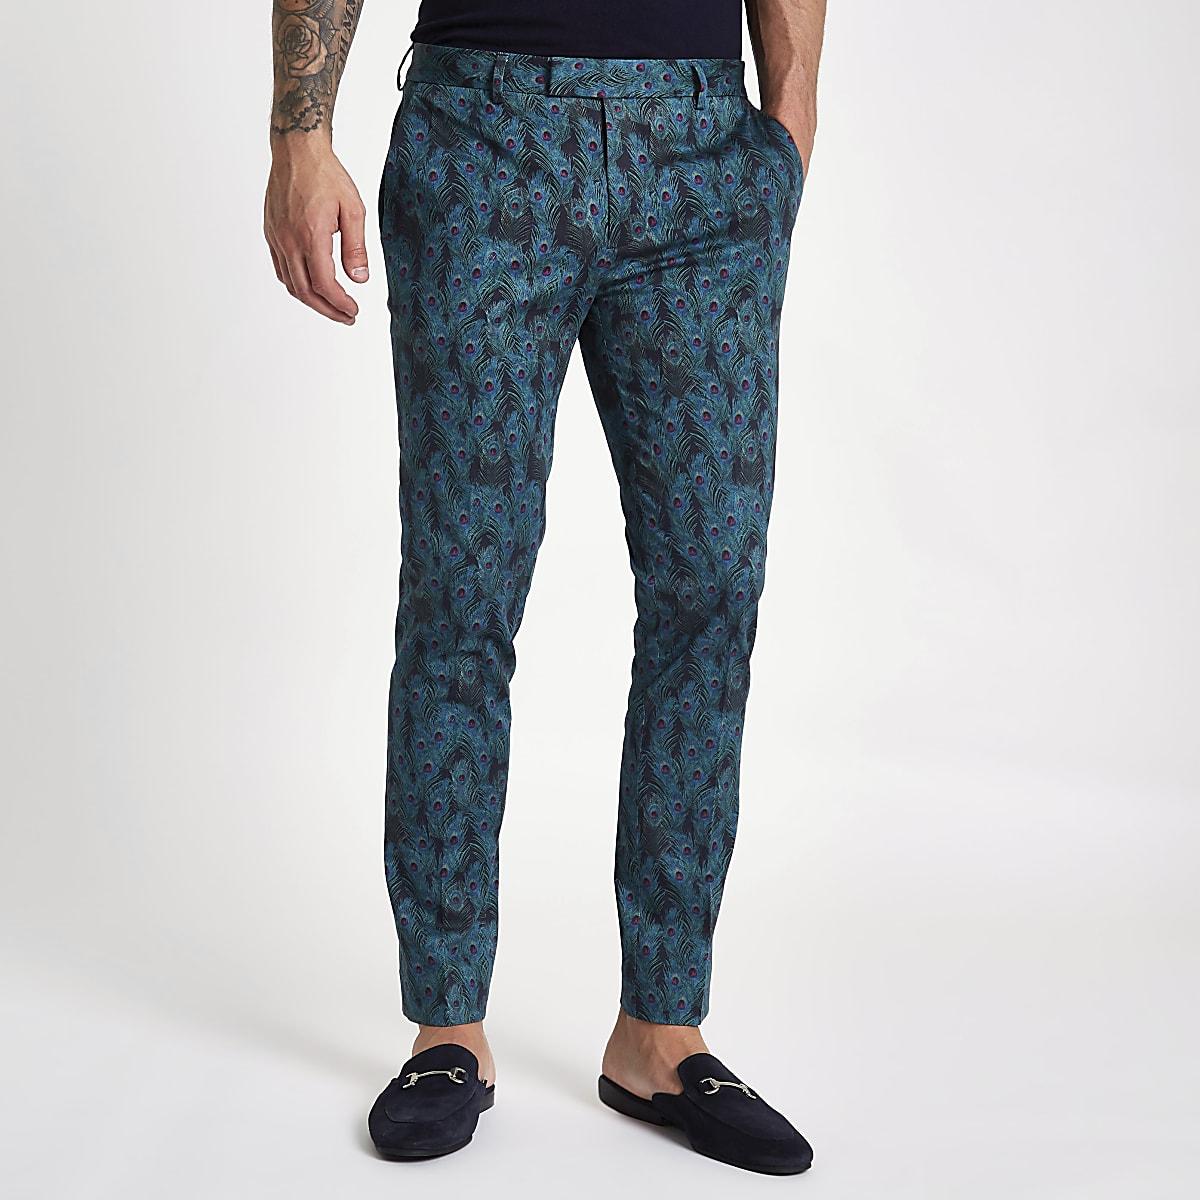 Black peacock print super skinny trousers